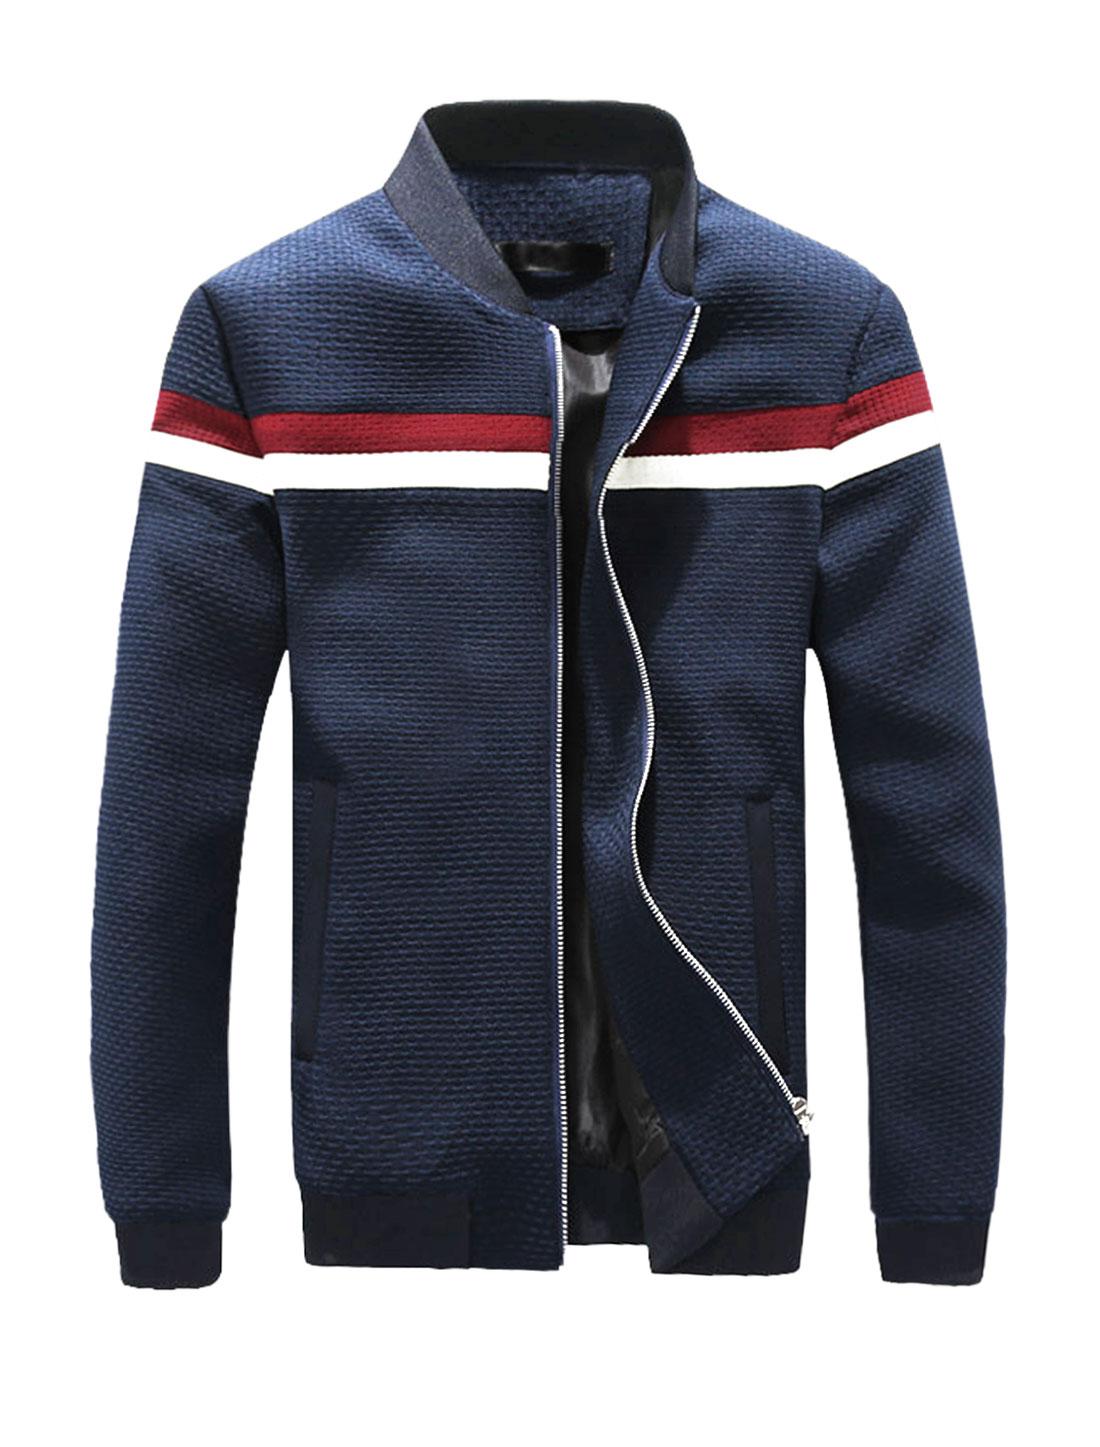 Men Weave Design Contrast Color Slim Fit Zip Up Jacket Blue M